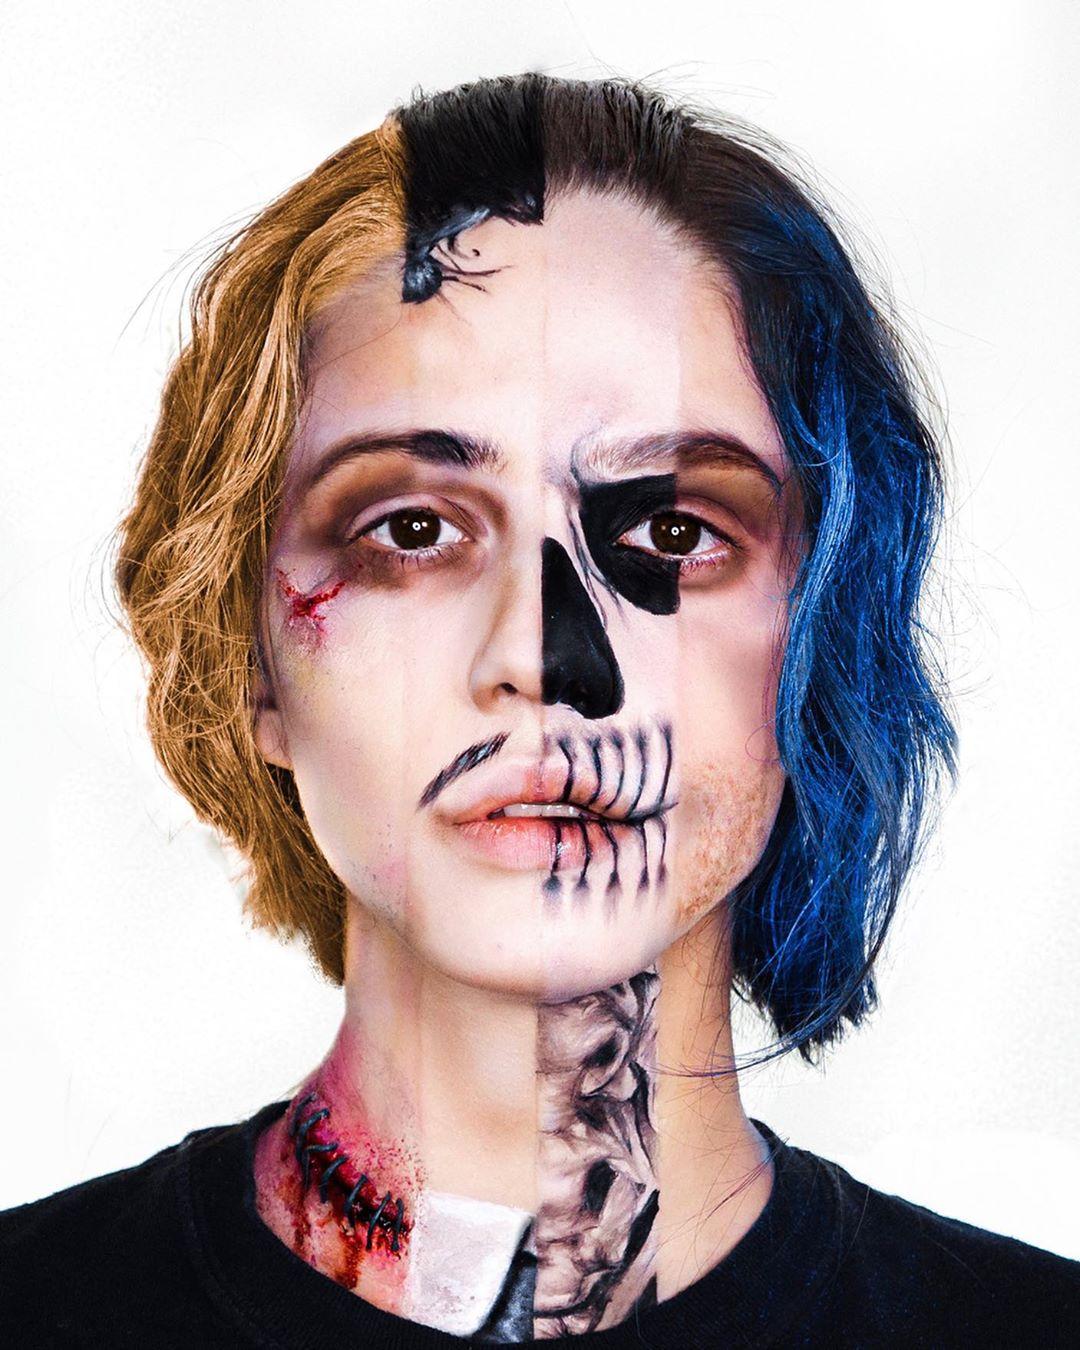 Потрясающий макияж от двух сестер из Великобритании